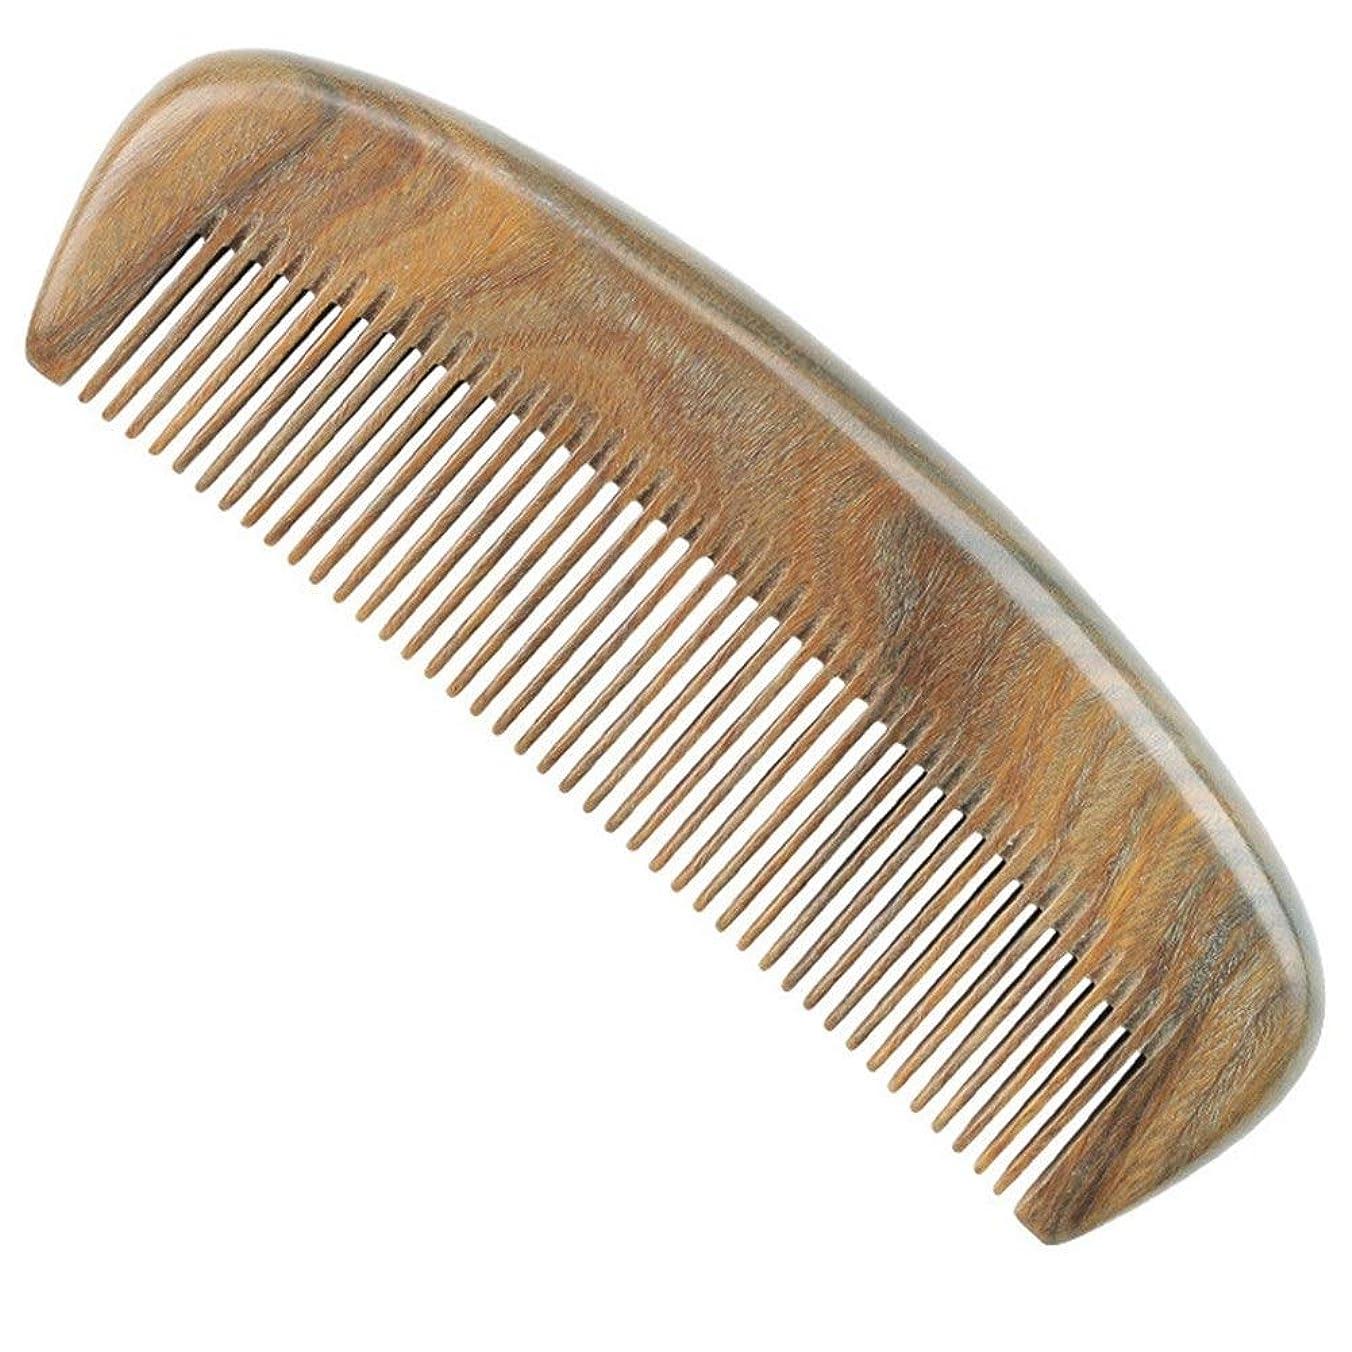 独占どこスクリューGuomao グリーンビャクダンの櫛小さな半月密な歯の櫛子供の櫛グリーンビャクダンの櫛 (Size : 12.5*4 cm)